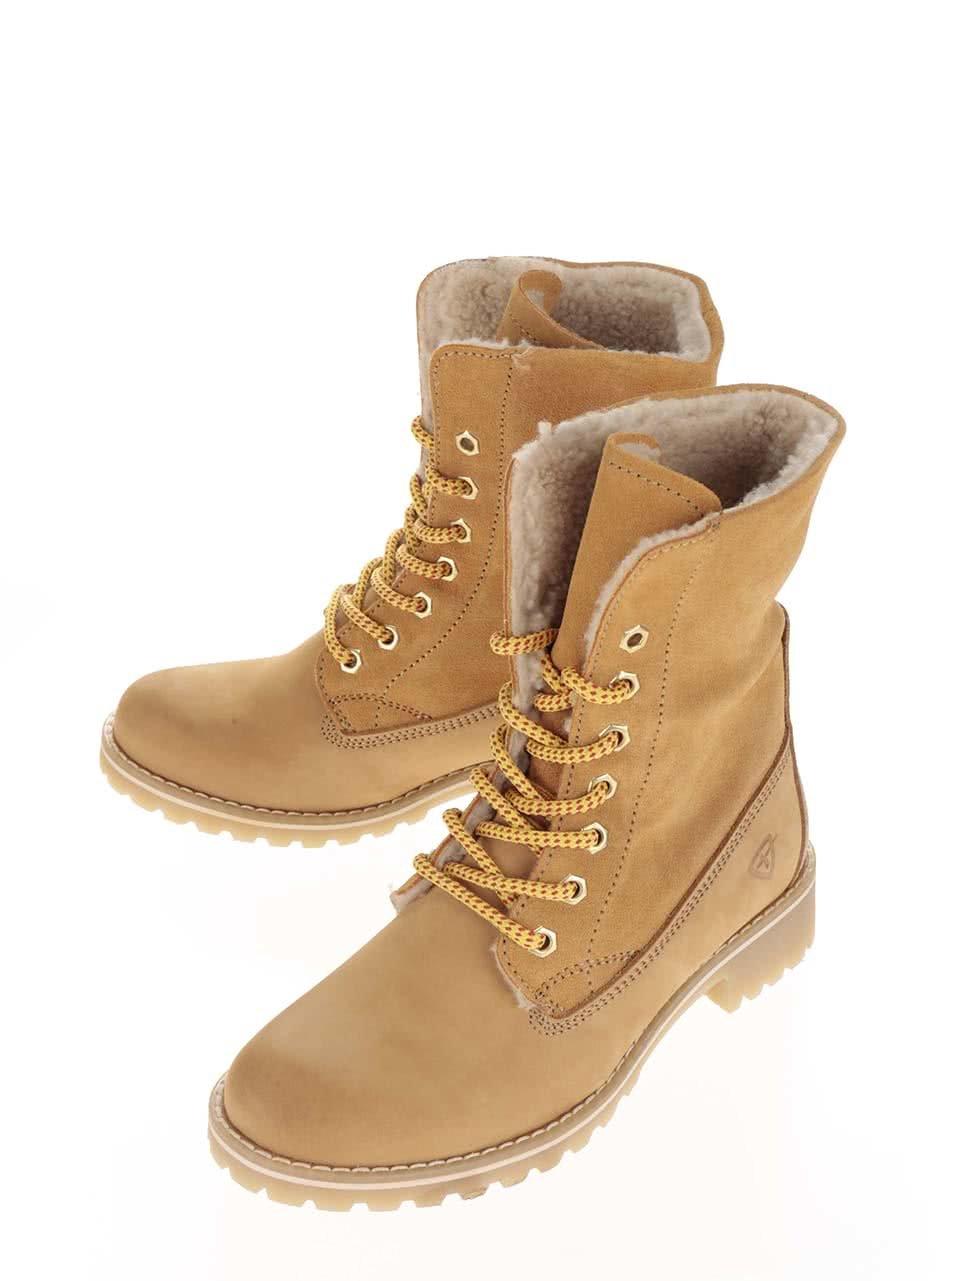 3357c7f6e5 Hnedé zimné kožené topánky s kožušinou Tamaris ...